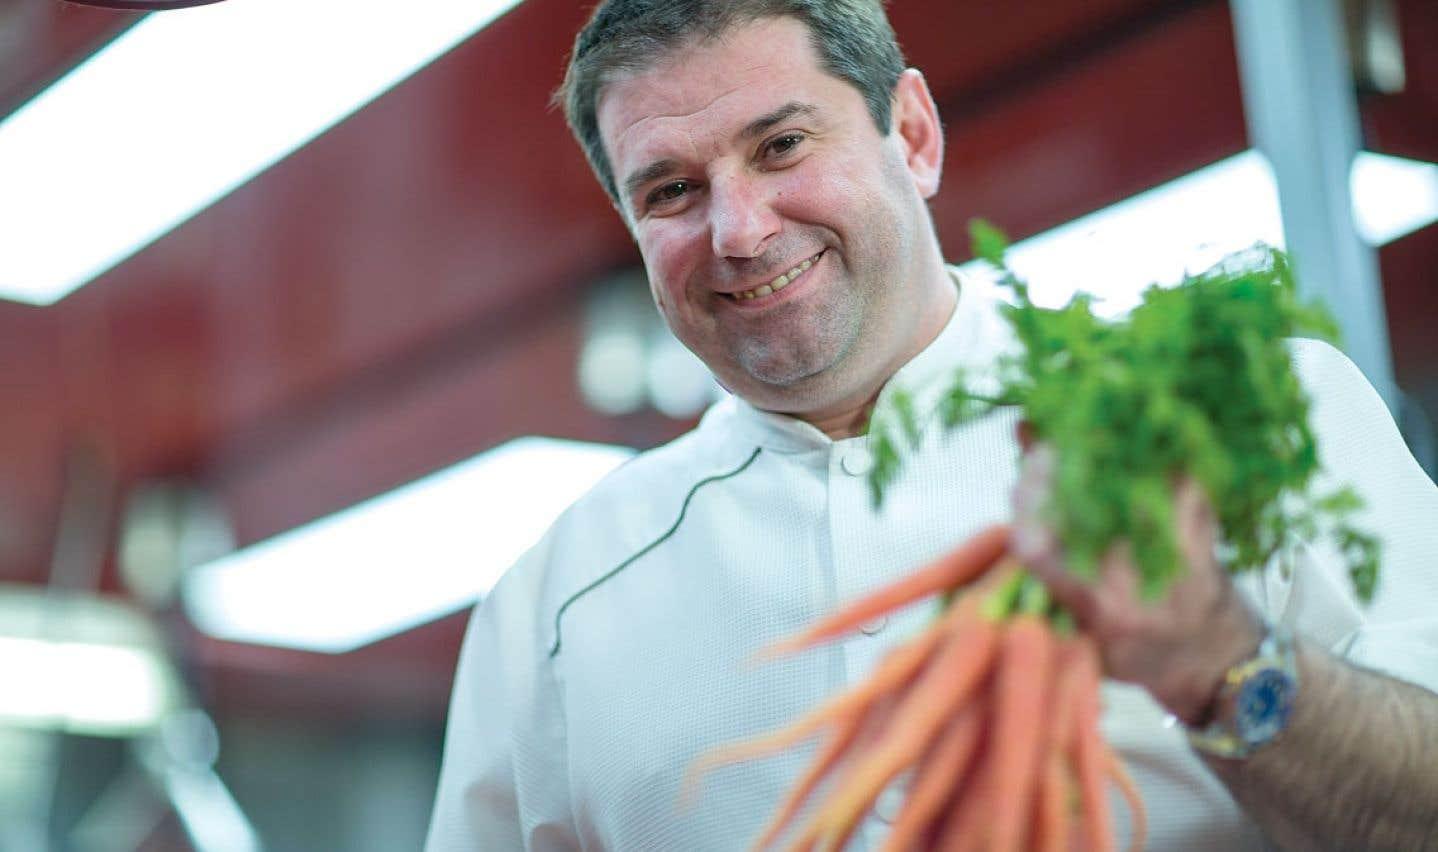 Le chef Jérôme Ferrer croit qu'il ne faut jamais lésiner sur la qualité des aliments.